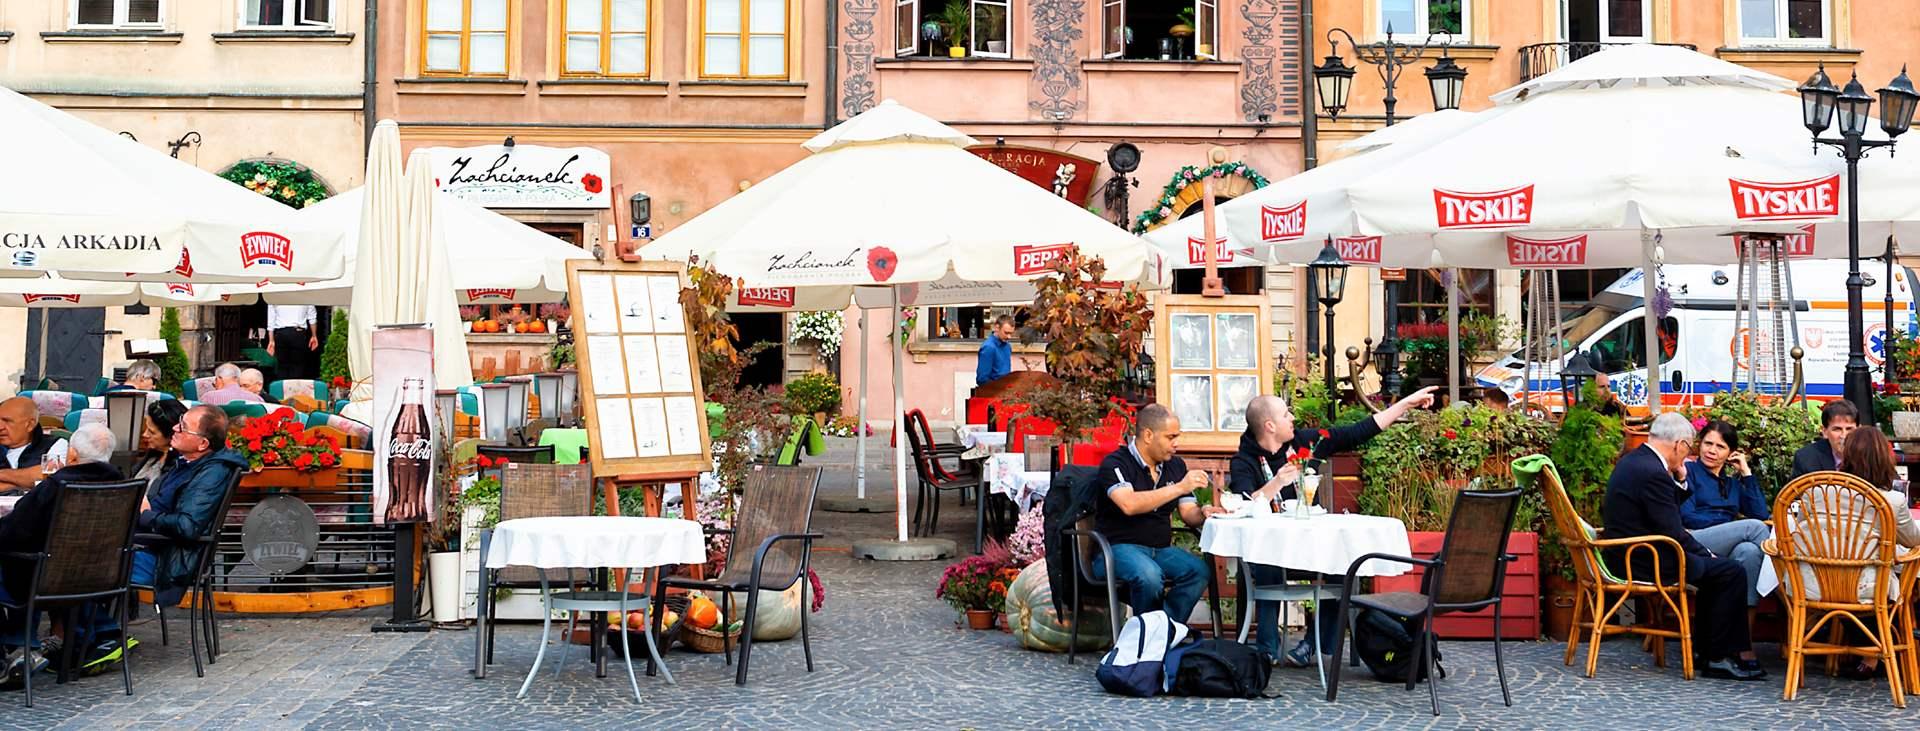 Bestill en reise med fly og hotell til Polen